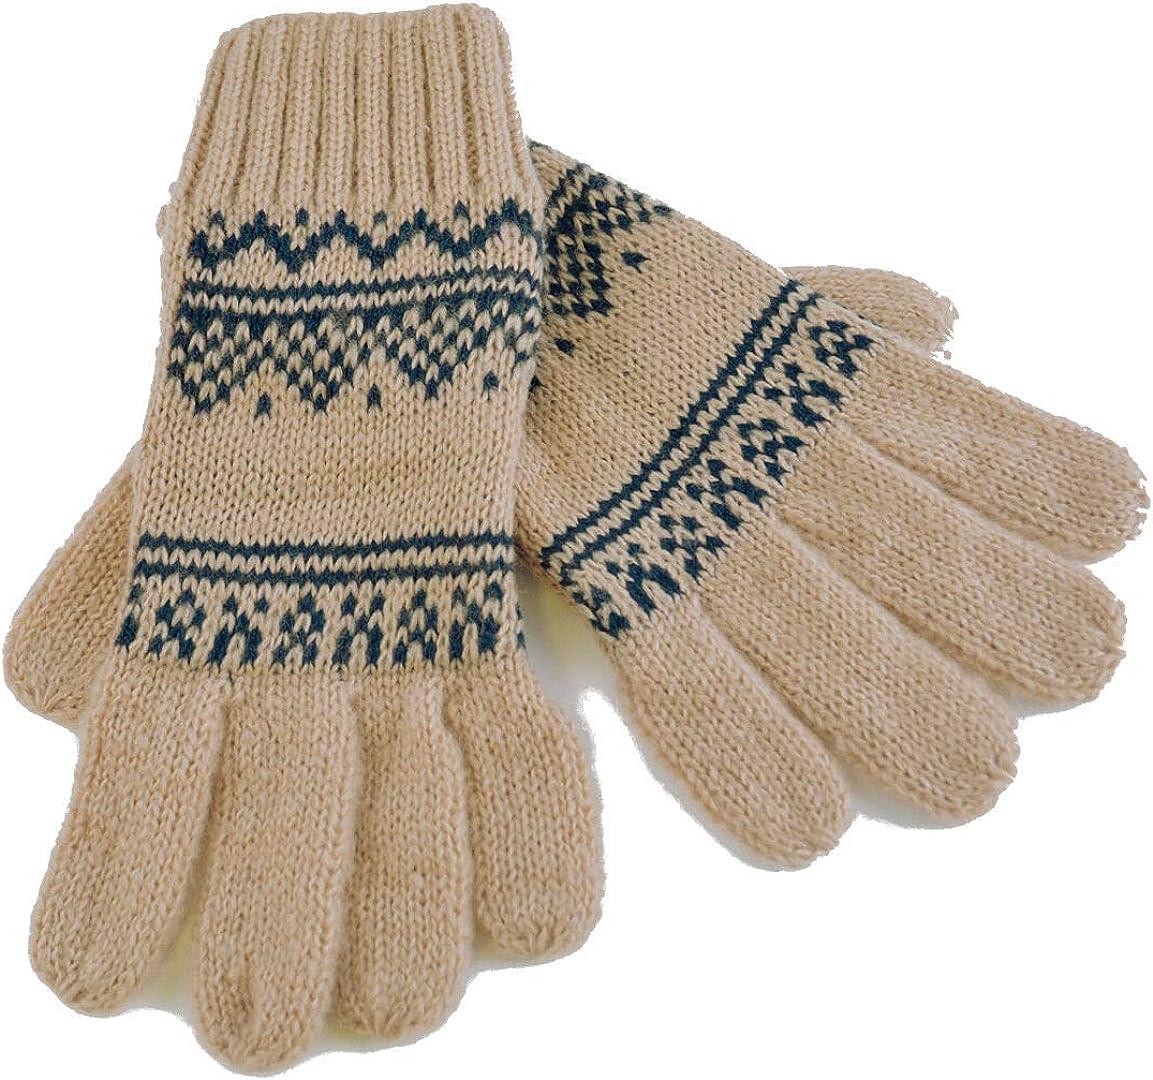 Rjm Women's Knitted Winter Gloves with Fairisle Design